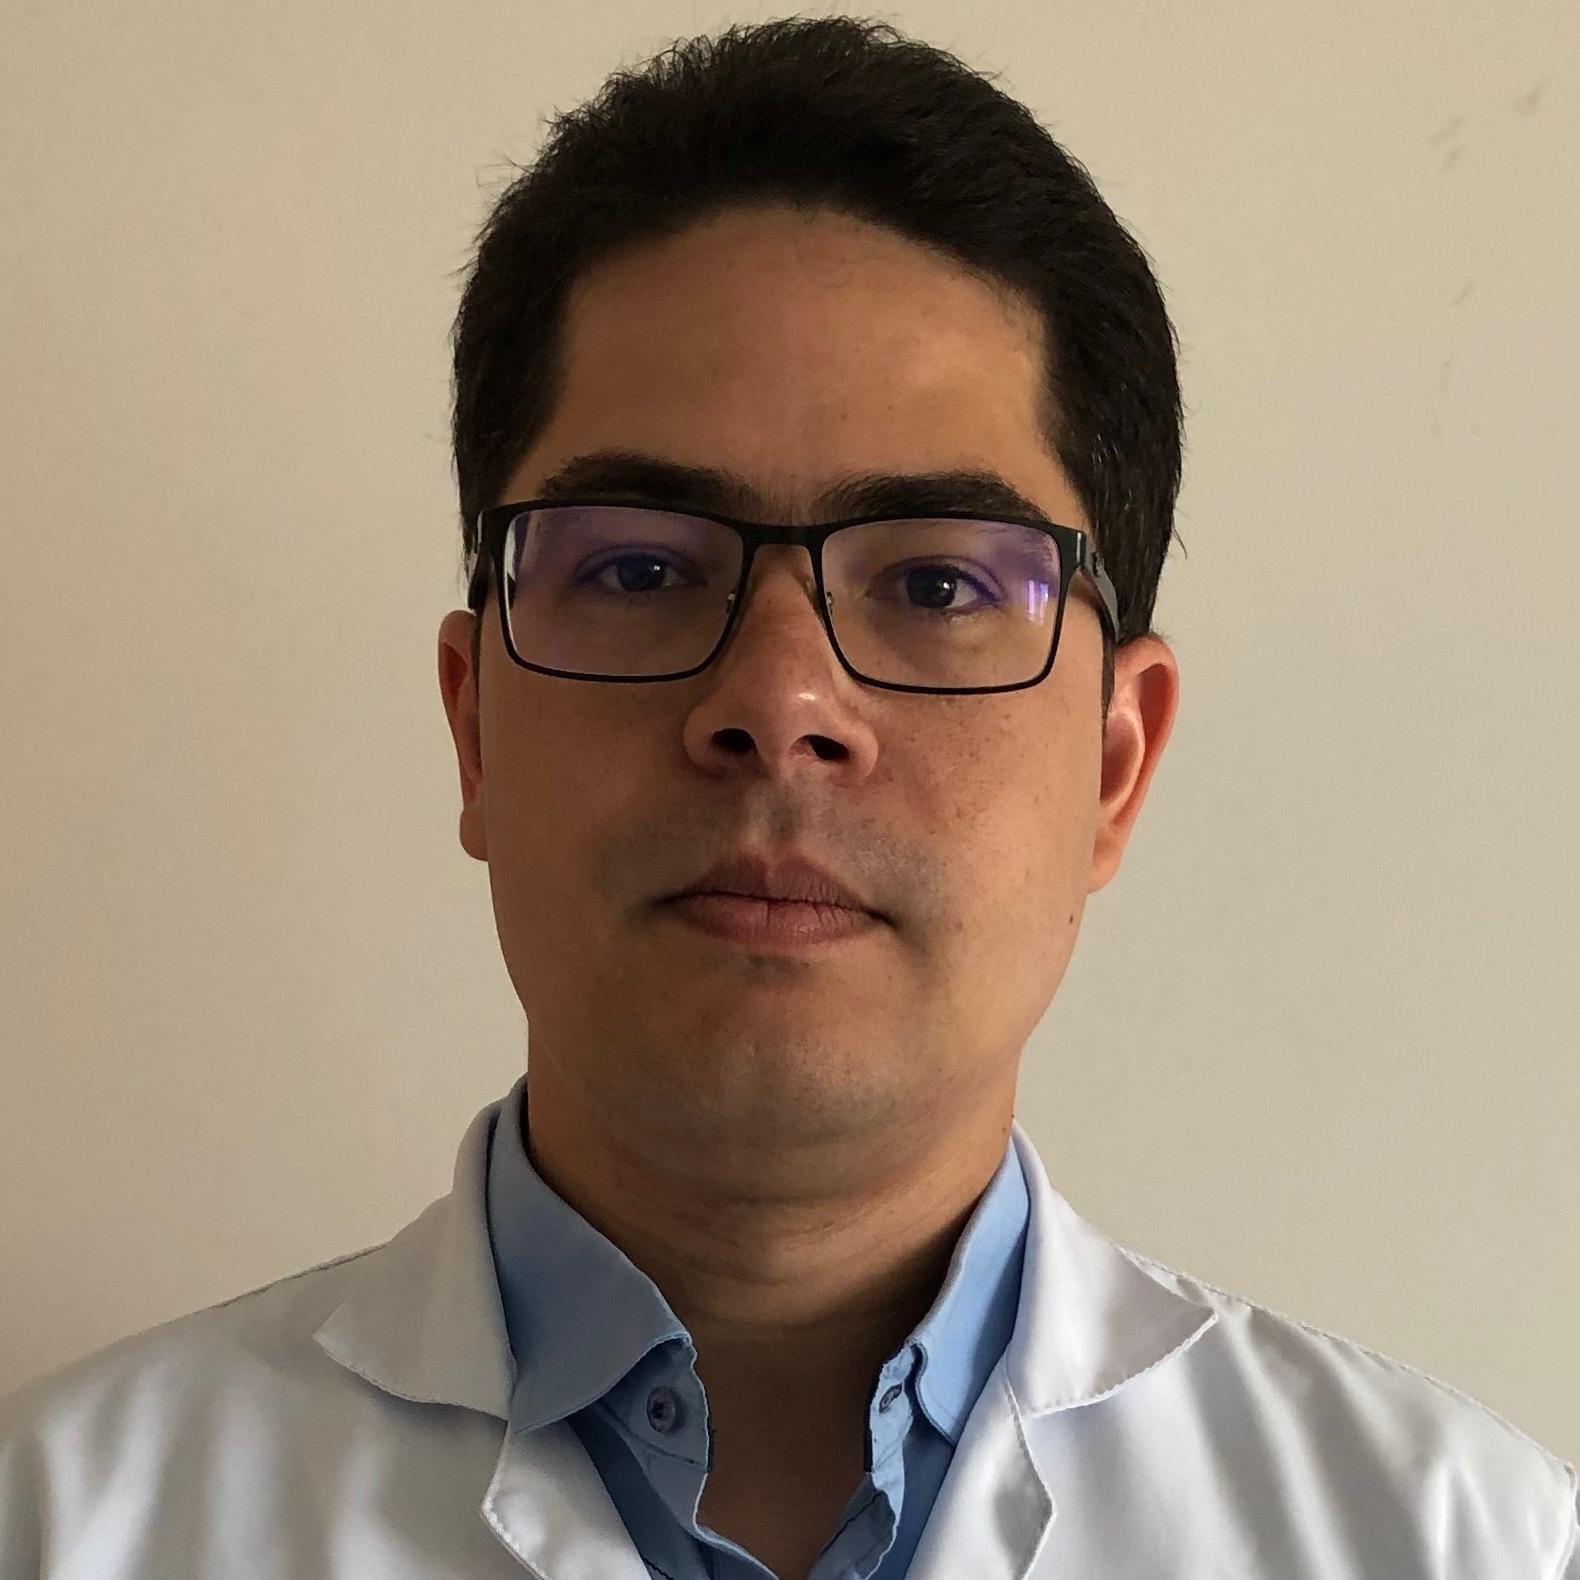 Marcelo Paulo Melo de Souza